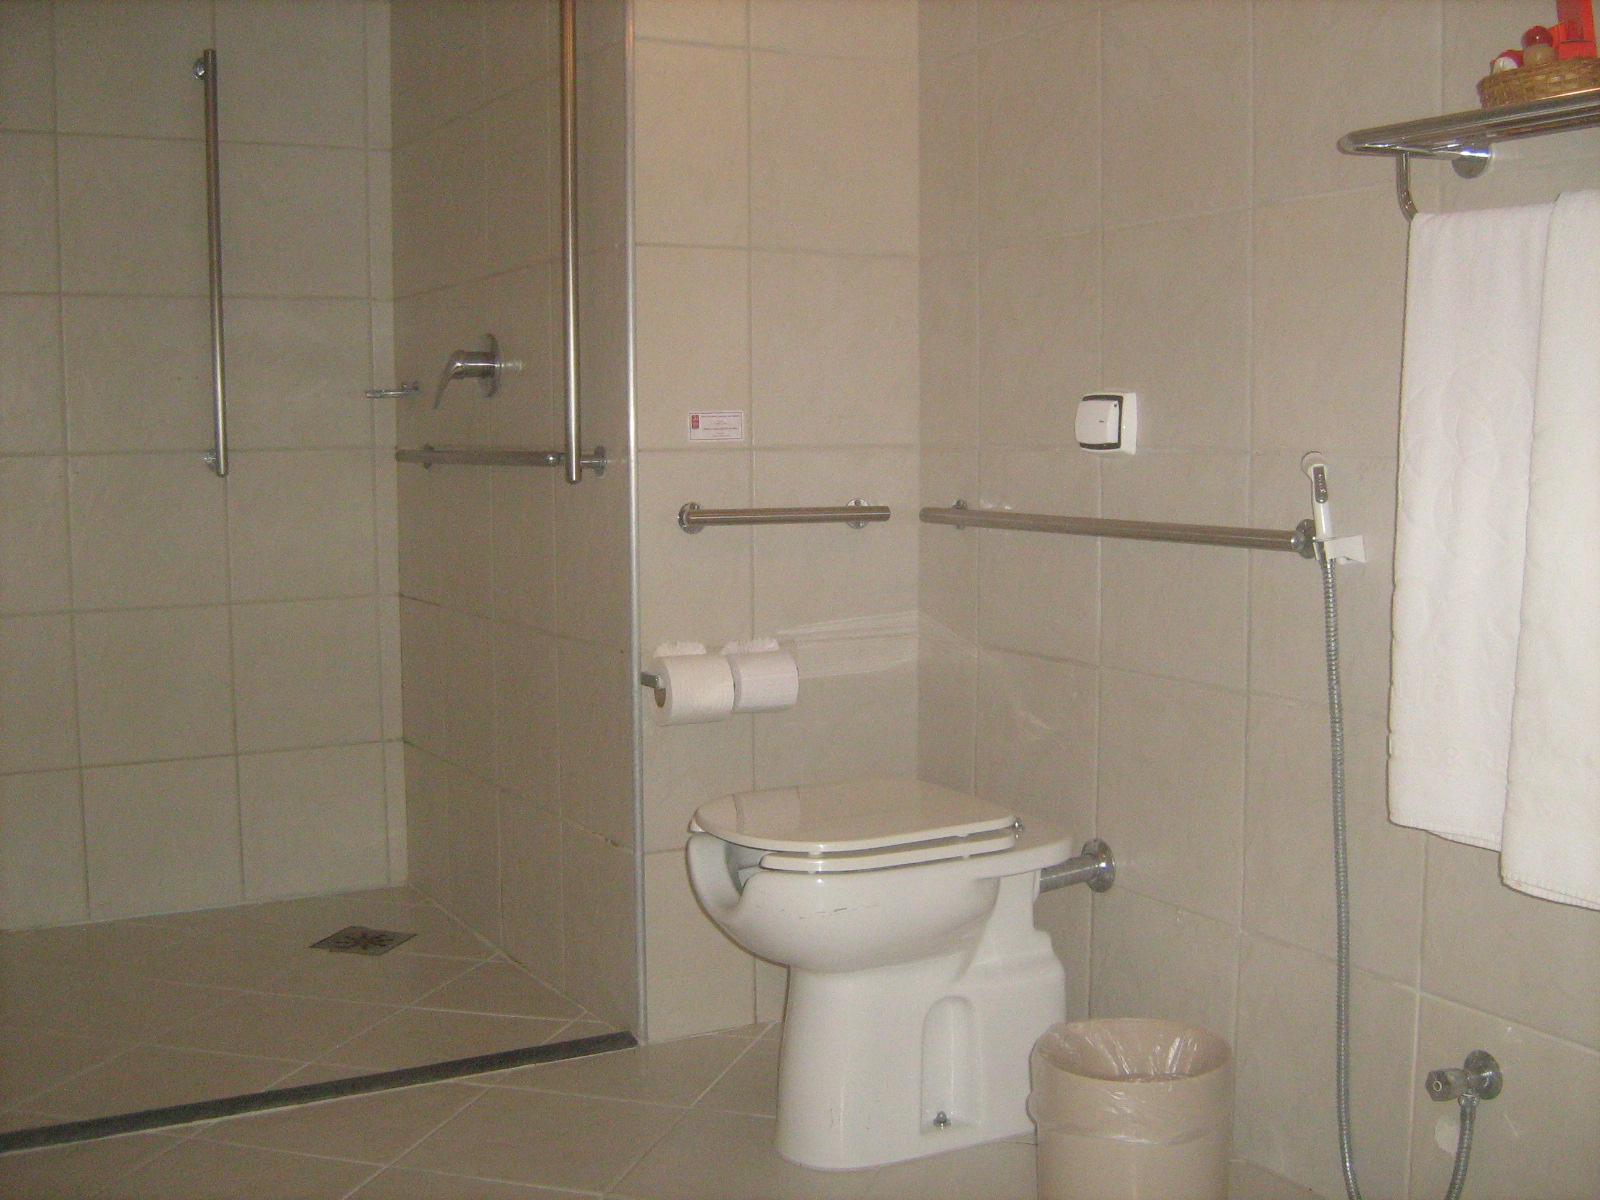 VIAJANTE ESPECIAL: Hotel Oásis Atlântico Fortaleza CE #A23529 1600x1200 Banheiro Container Fortaleza